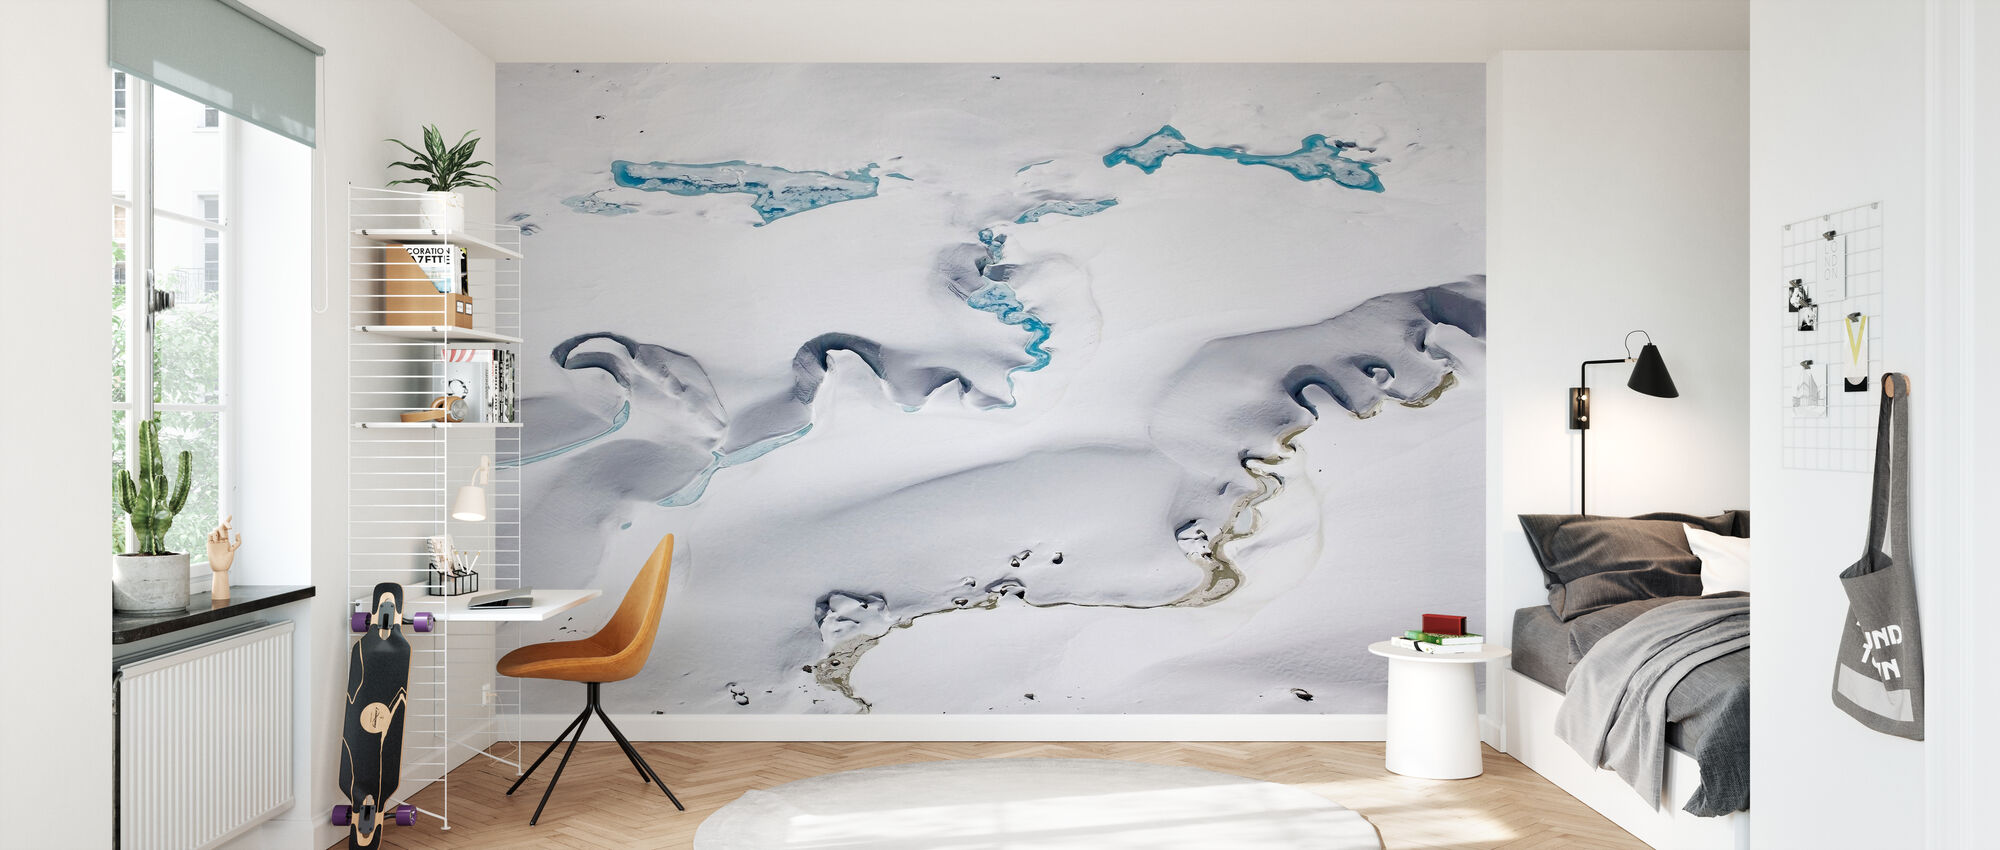 Gorner Glacier with Meltwater Channels - Wallpaper - Kids Room